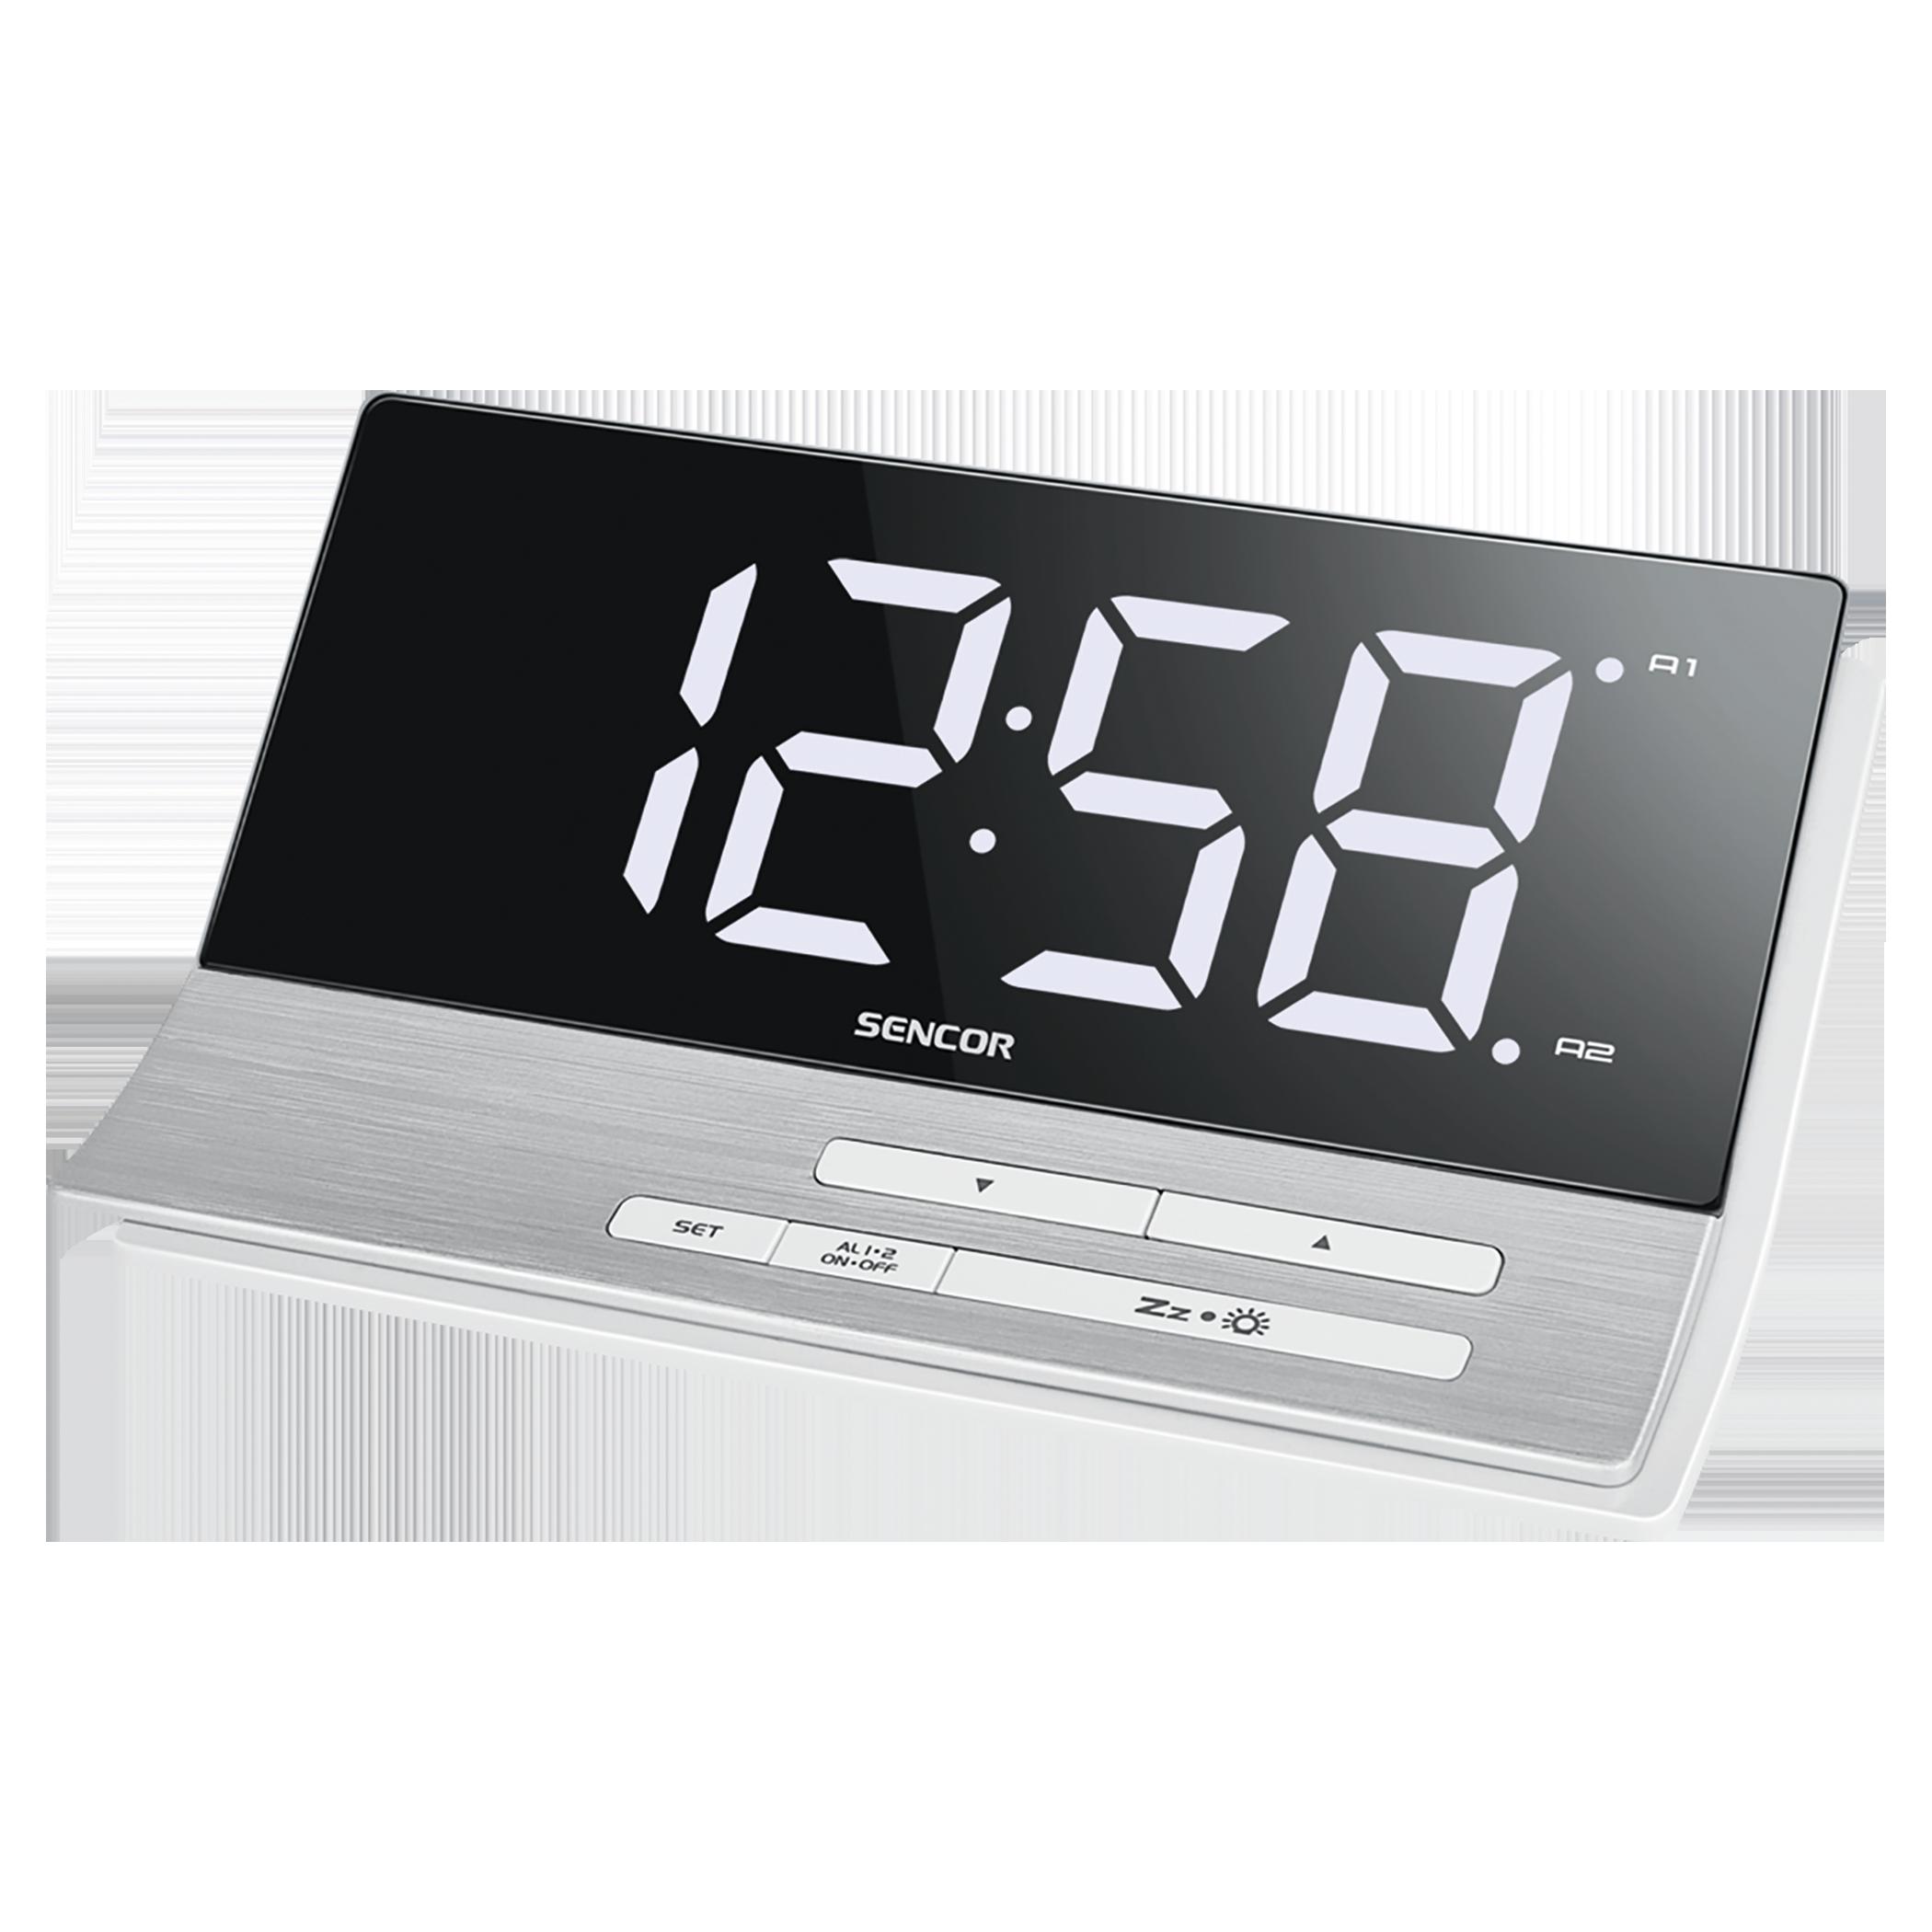 Digitaalne äratuskell Sencor SDC5100